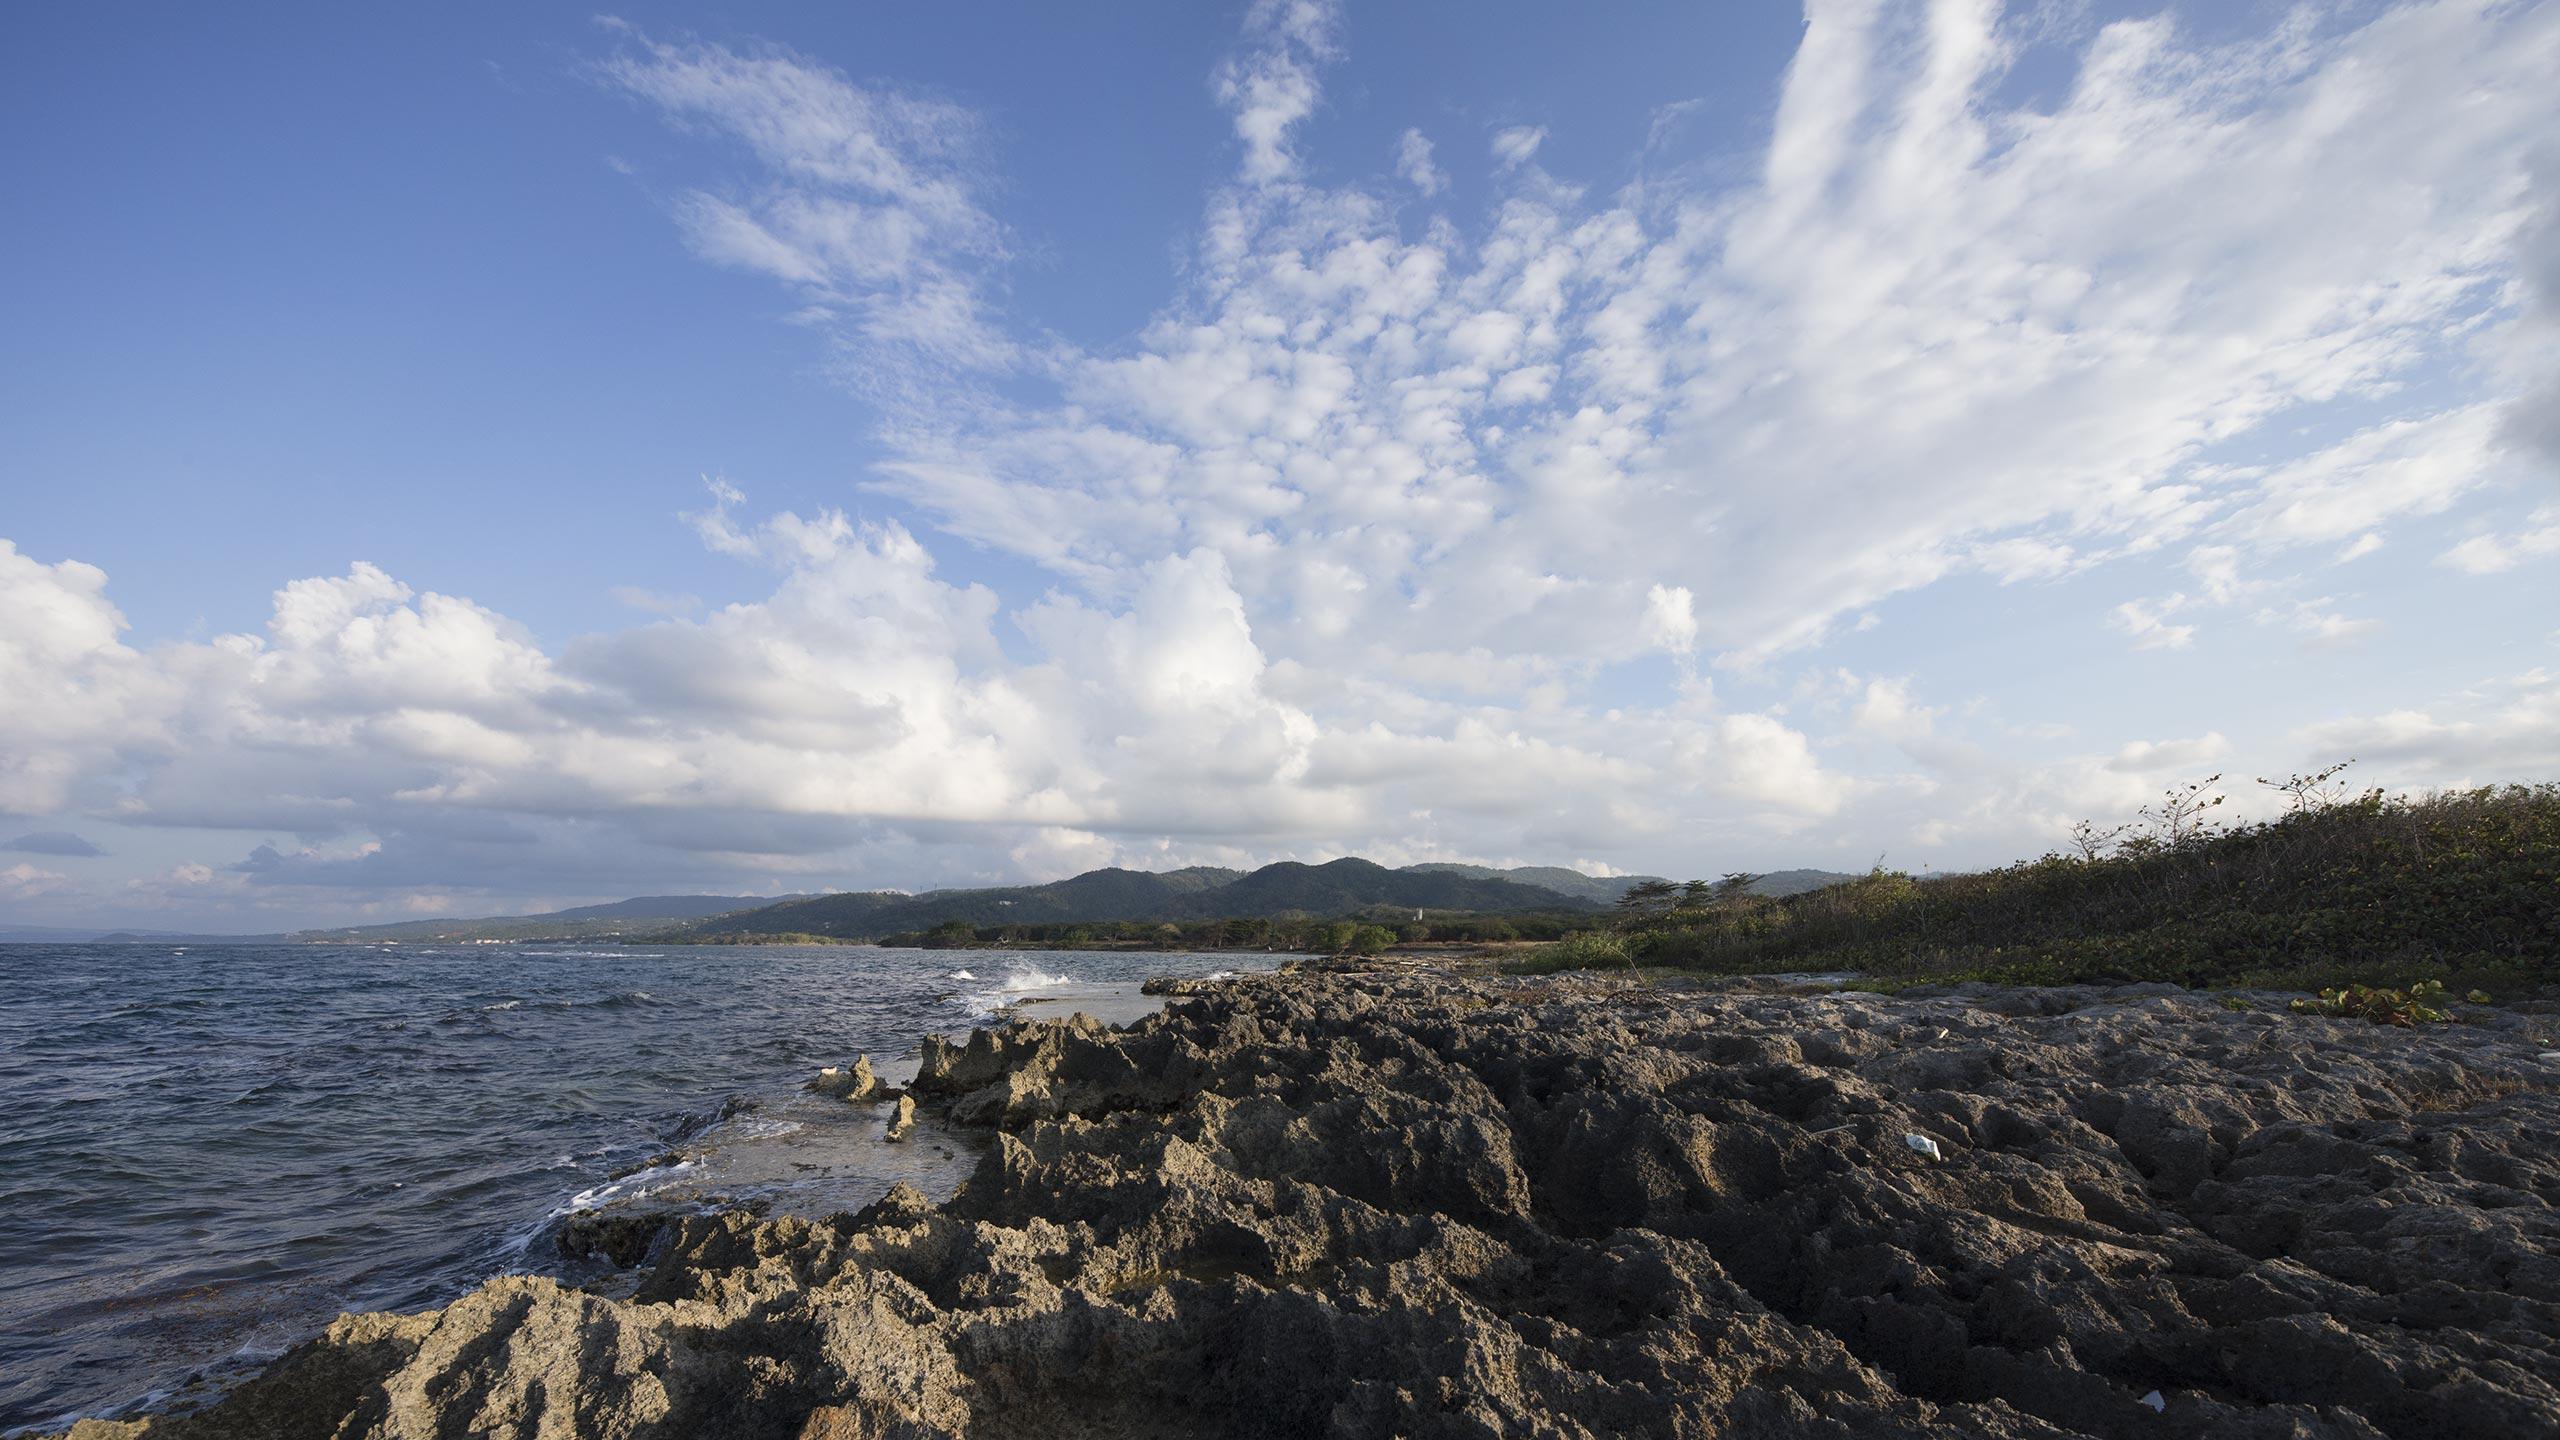 Jamaica beach wallpaper photography portfolio shore   1411933 2560x1440